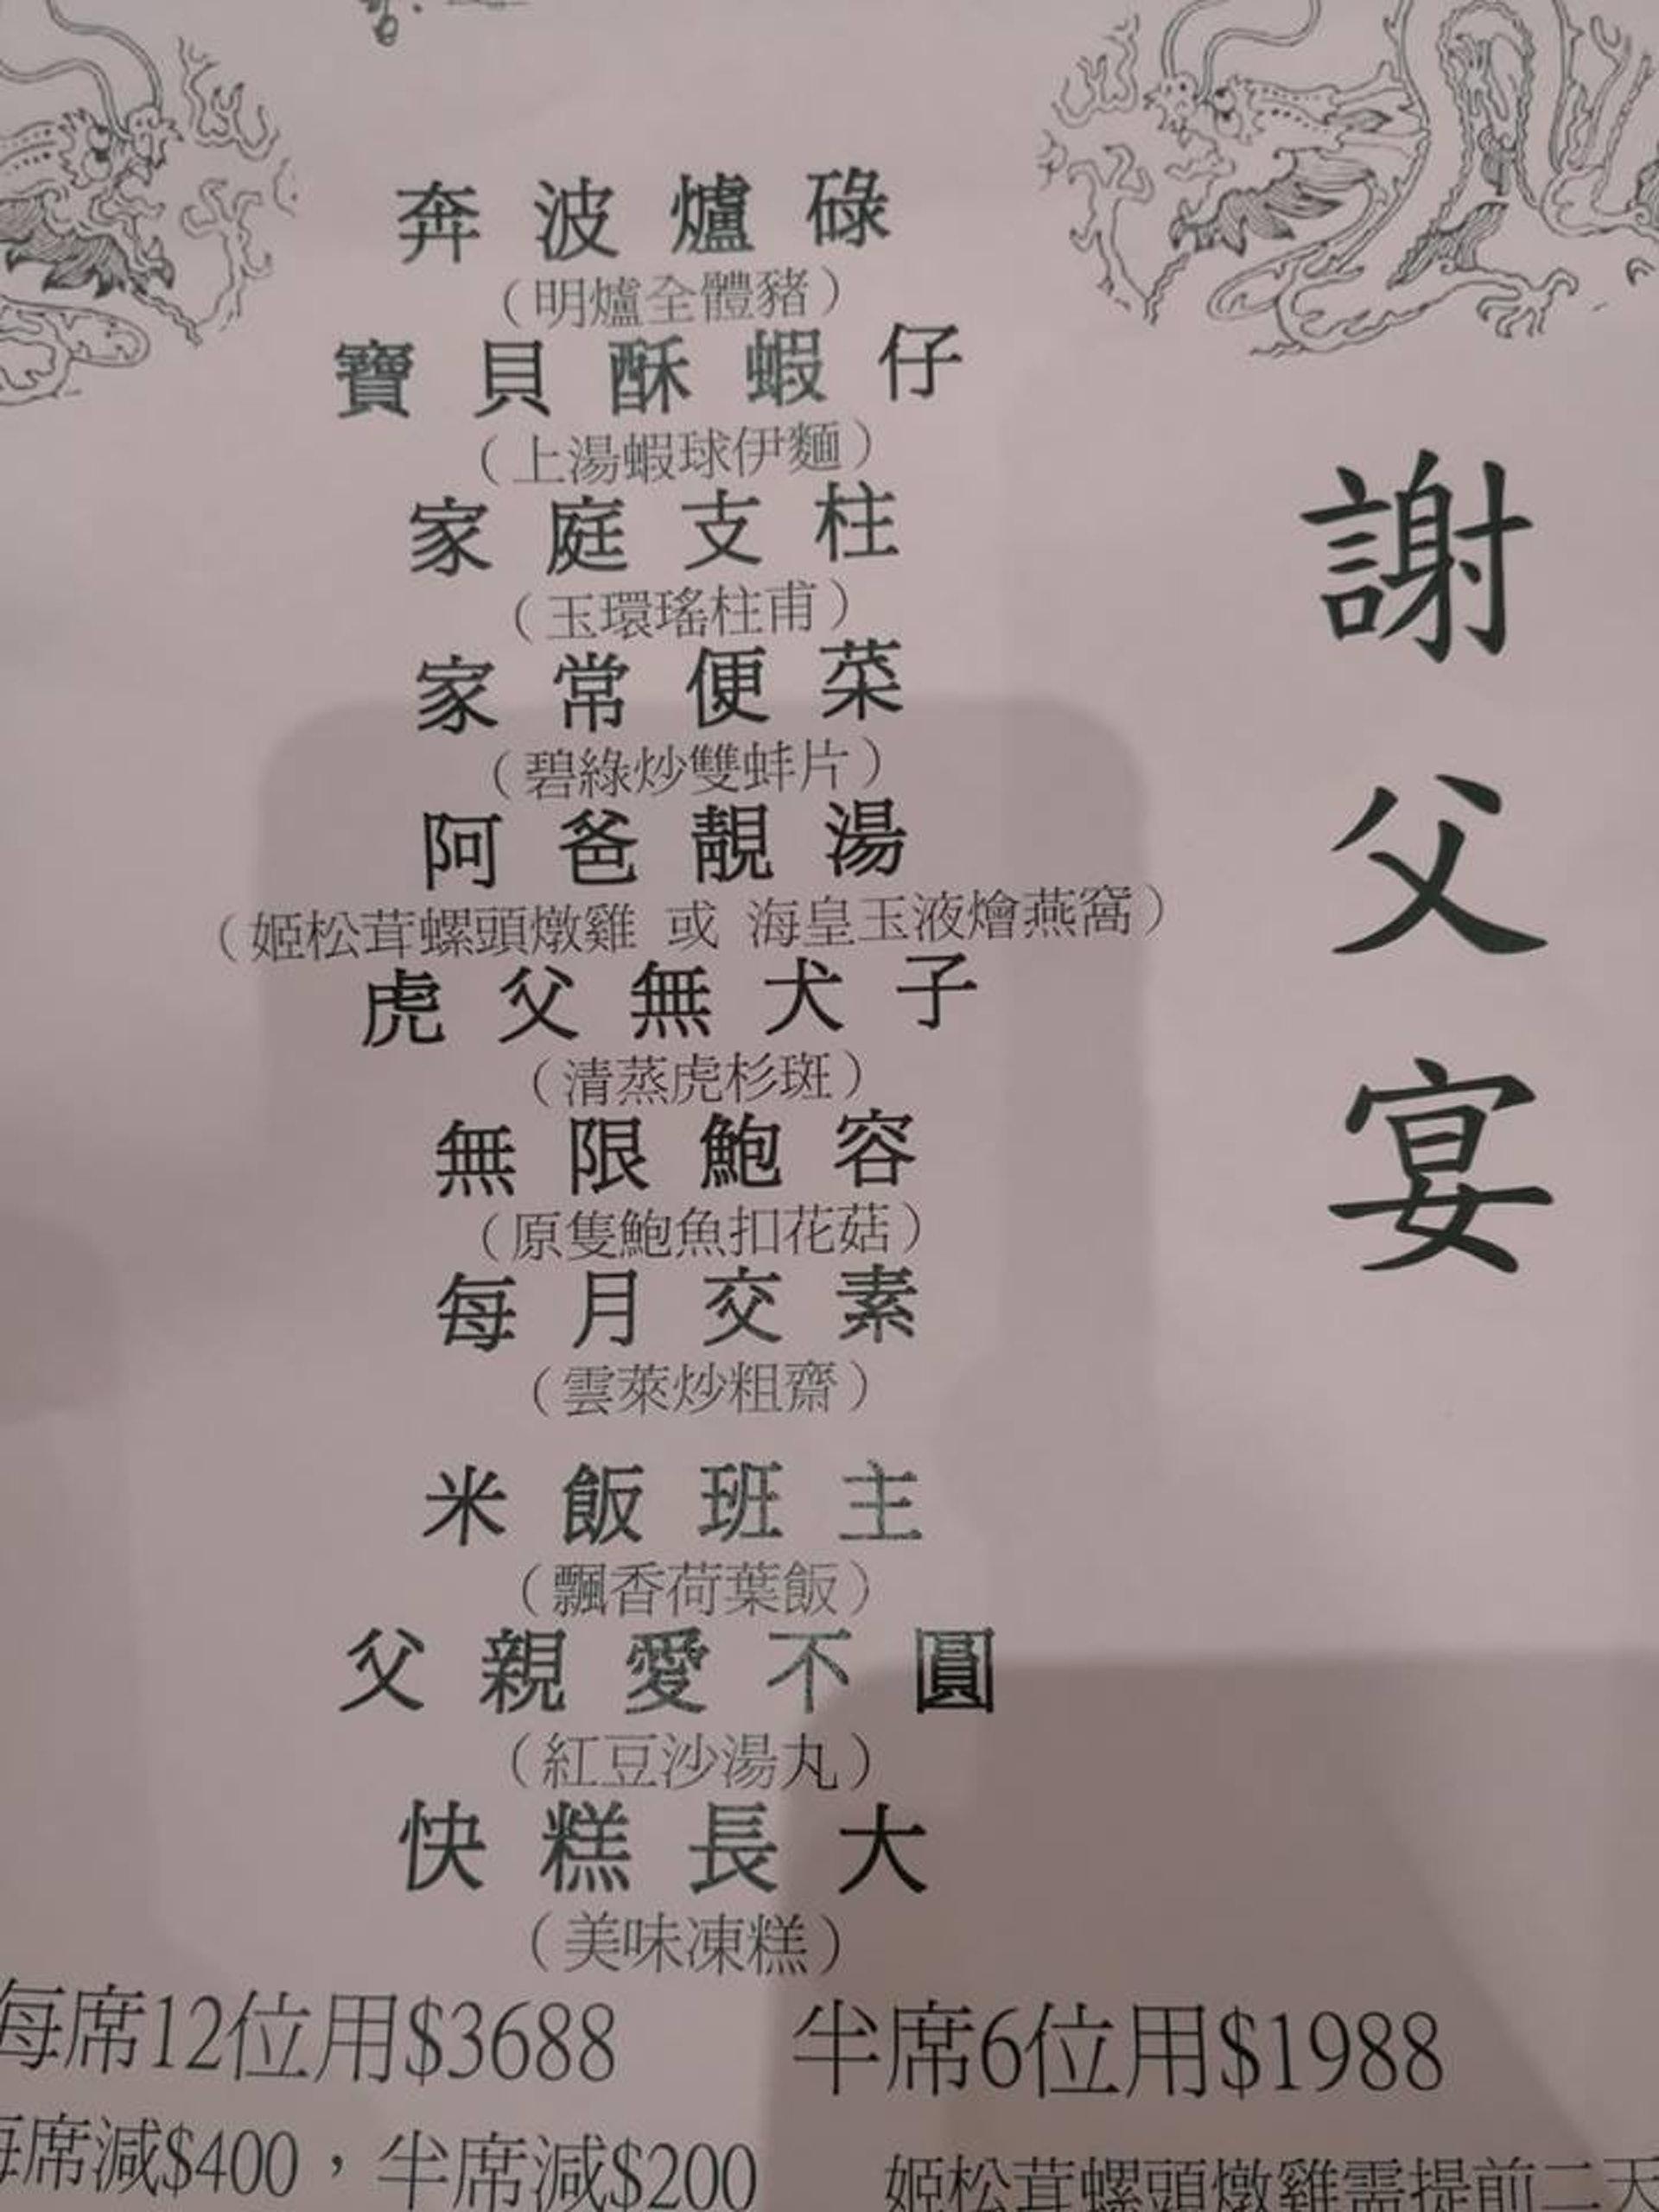 網上流傳一張父親節的「謝父宴」餐單,上面的菜色名使不少網民都十分感動。(facebook專頁「Papabar 爸爸吧」授權轉載)